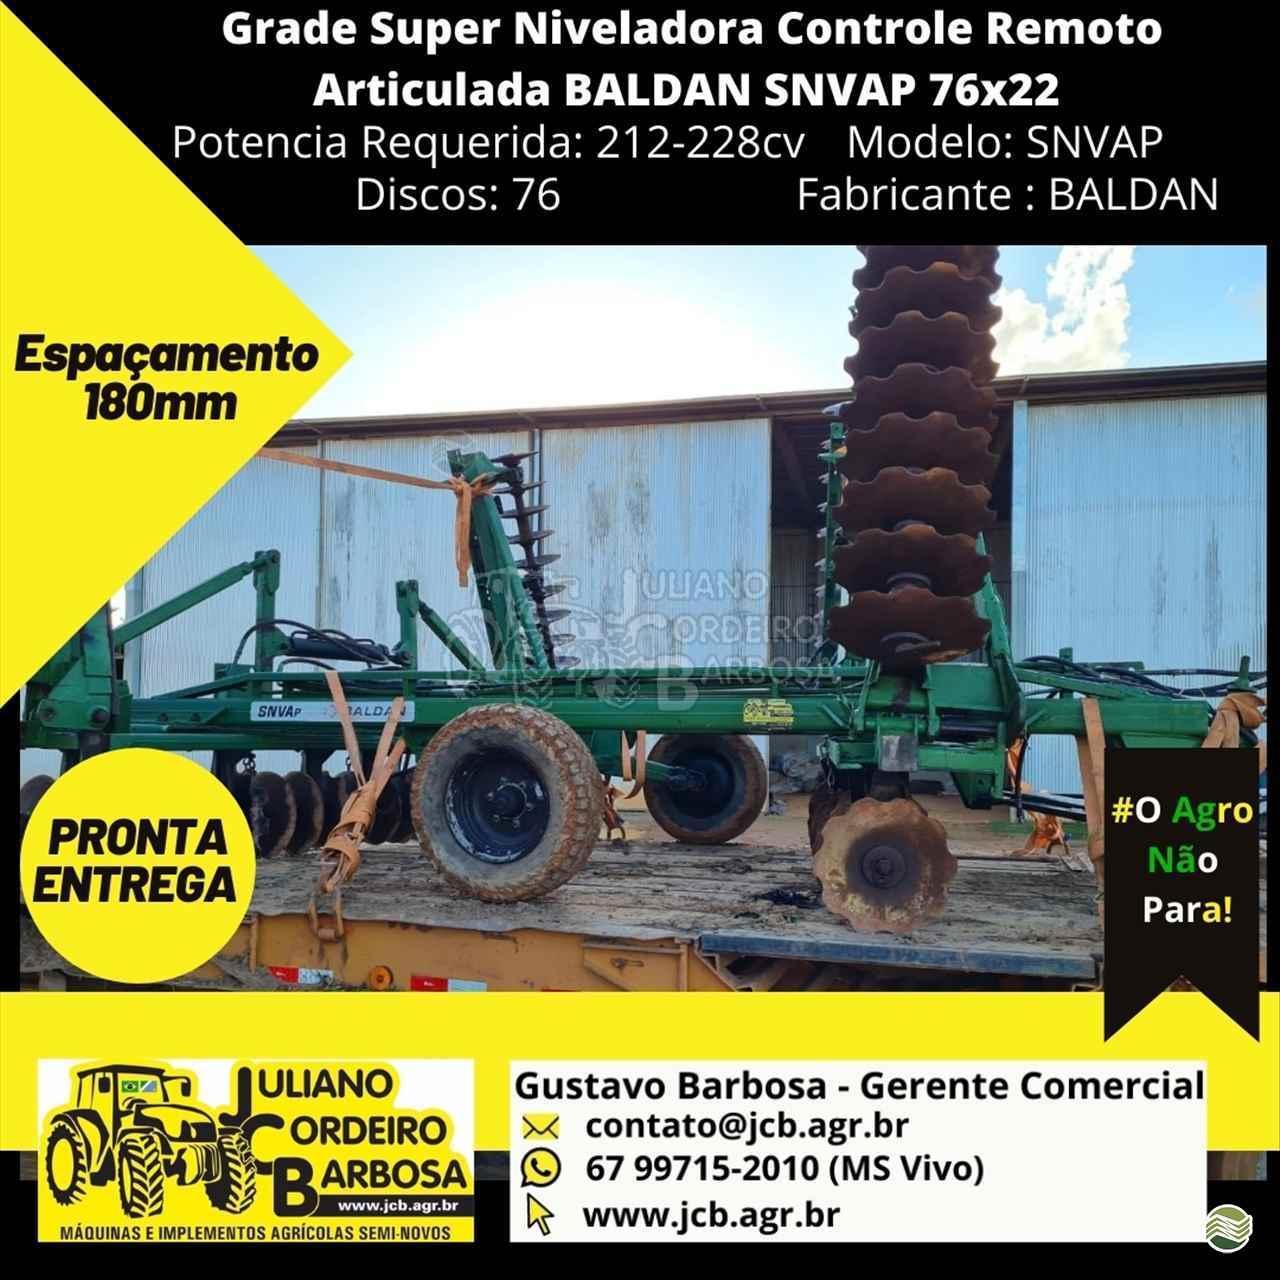 IMPLEMENTOS AGRICOLAS GRADE NIVELADORA NIVELADORA 76 DISCOS JCB Máquinas e Implementos Agrícolas MARACAJU MATO GROSSO DO SUL MS